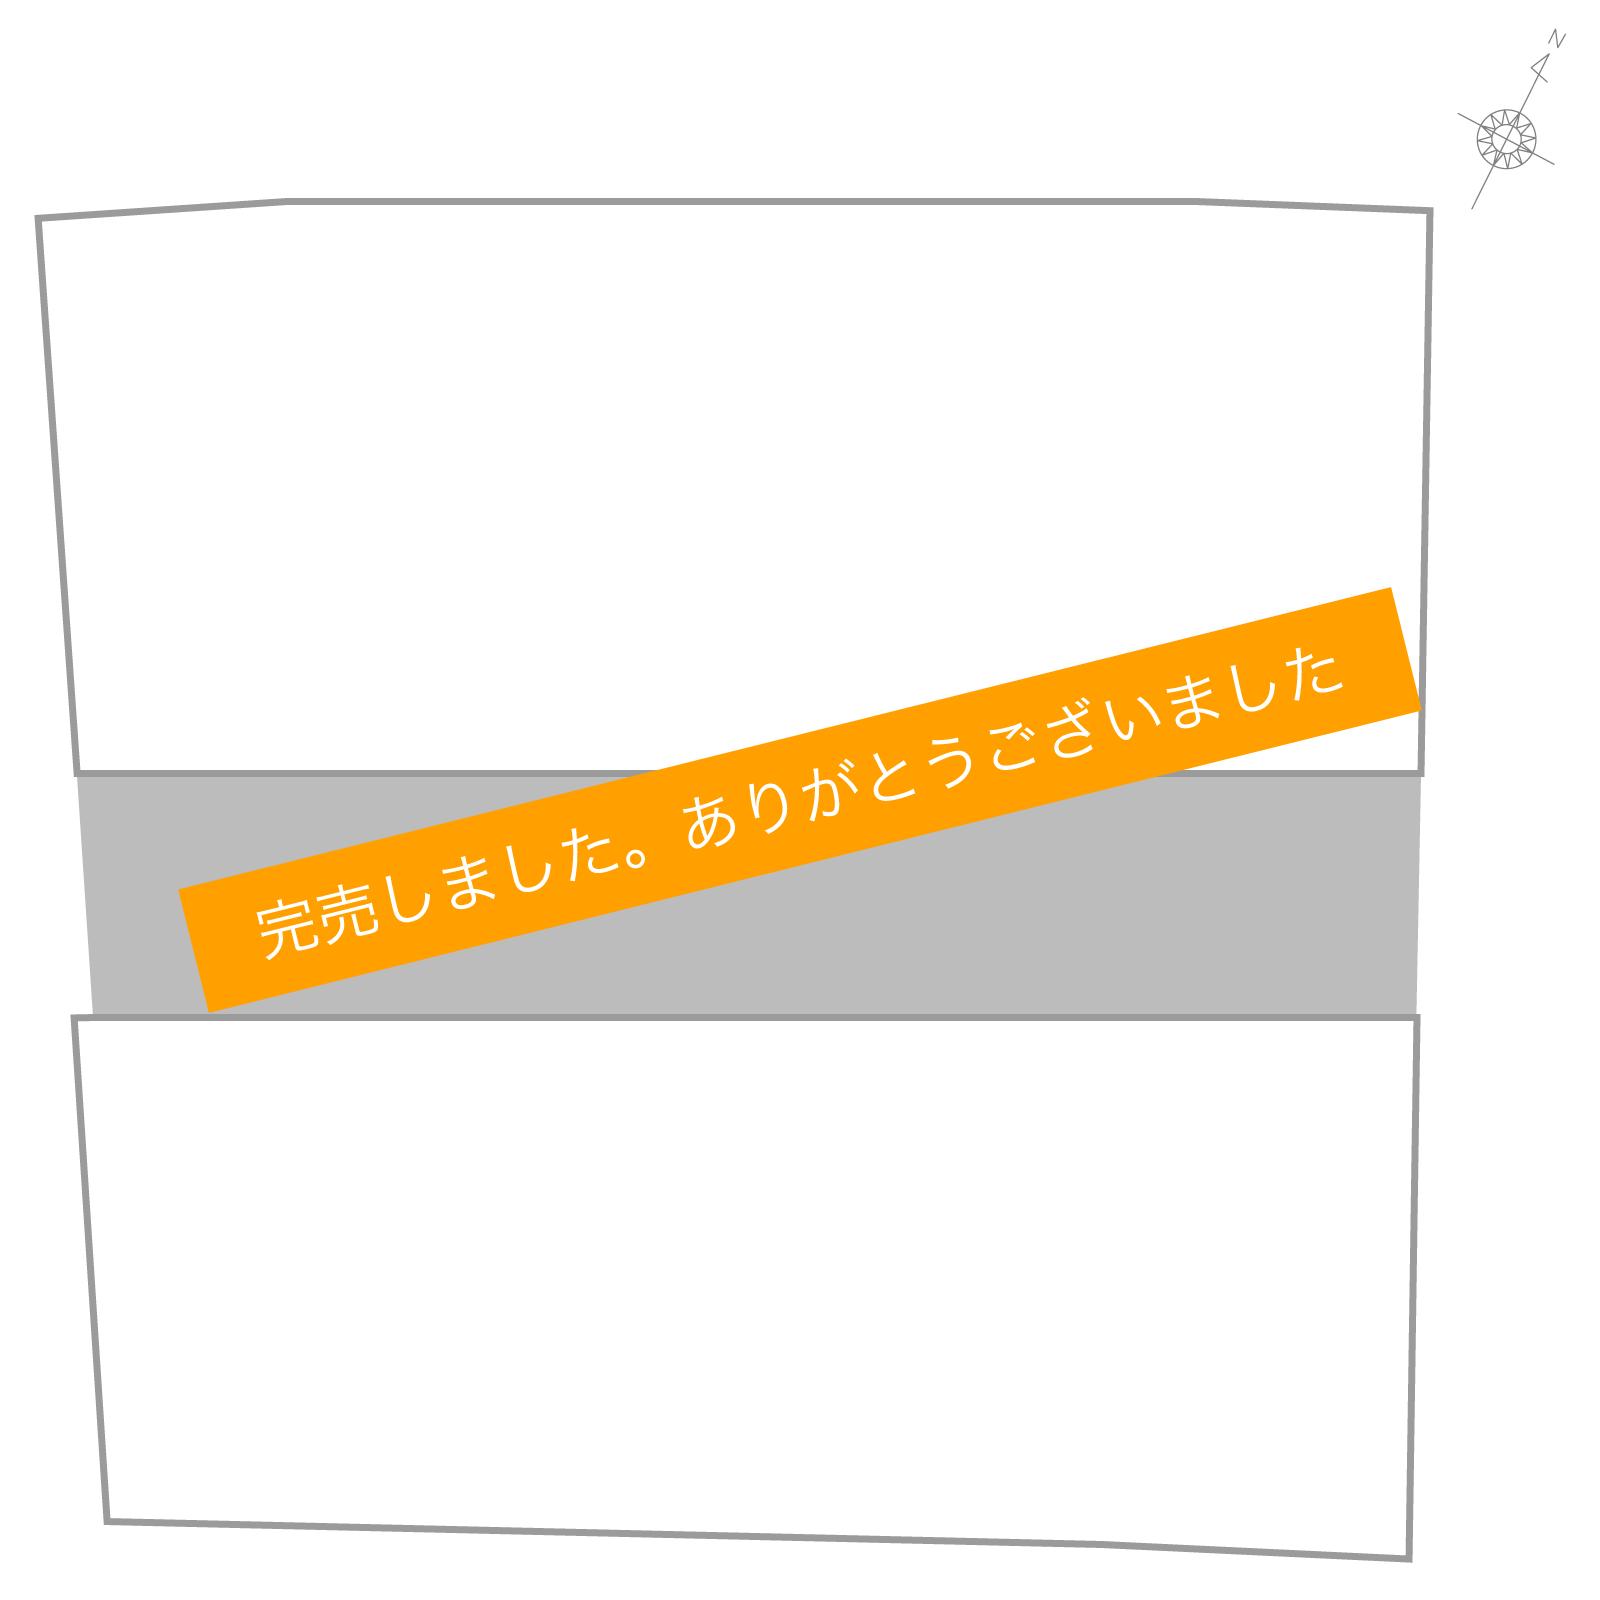 多度津町南鴨6期(全2区画)